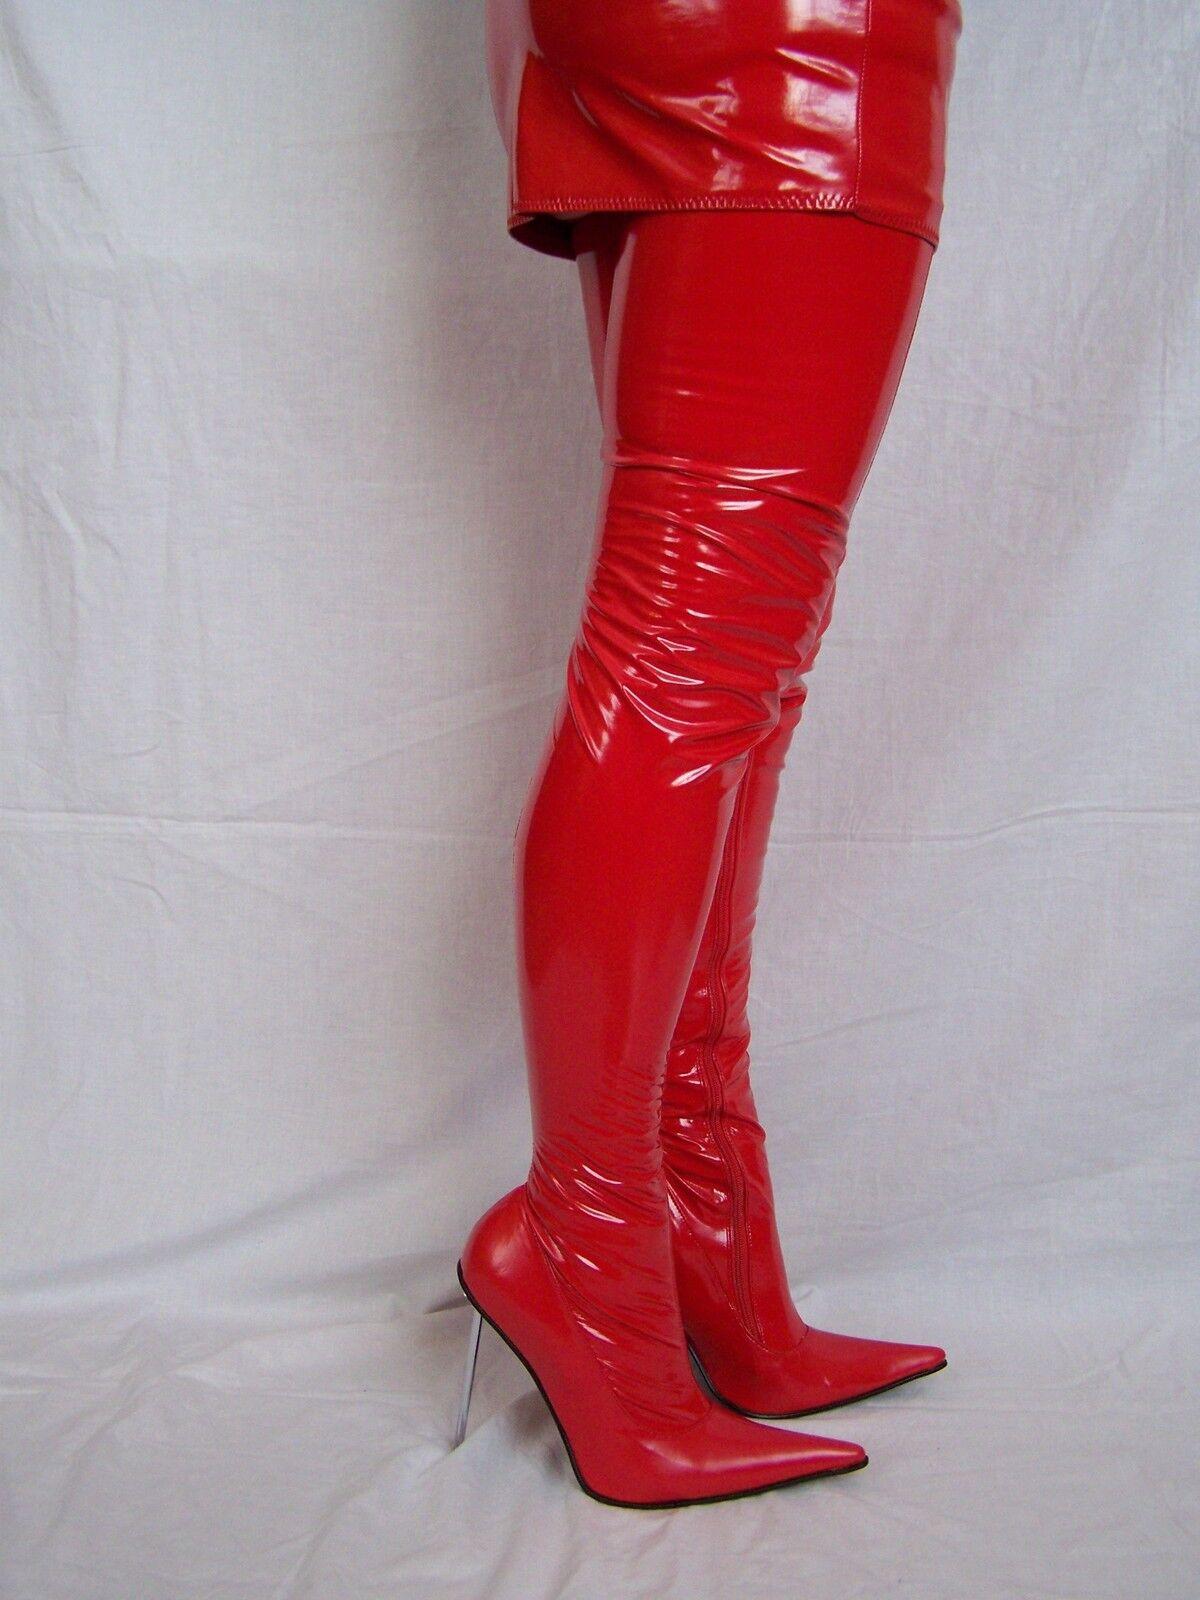 Nero OR rosso rosso rosso PATENT-LACK-STRETCH HIGH stivali Dimensione 5-16 HEELS-5,5 -- POLAND 81d61f